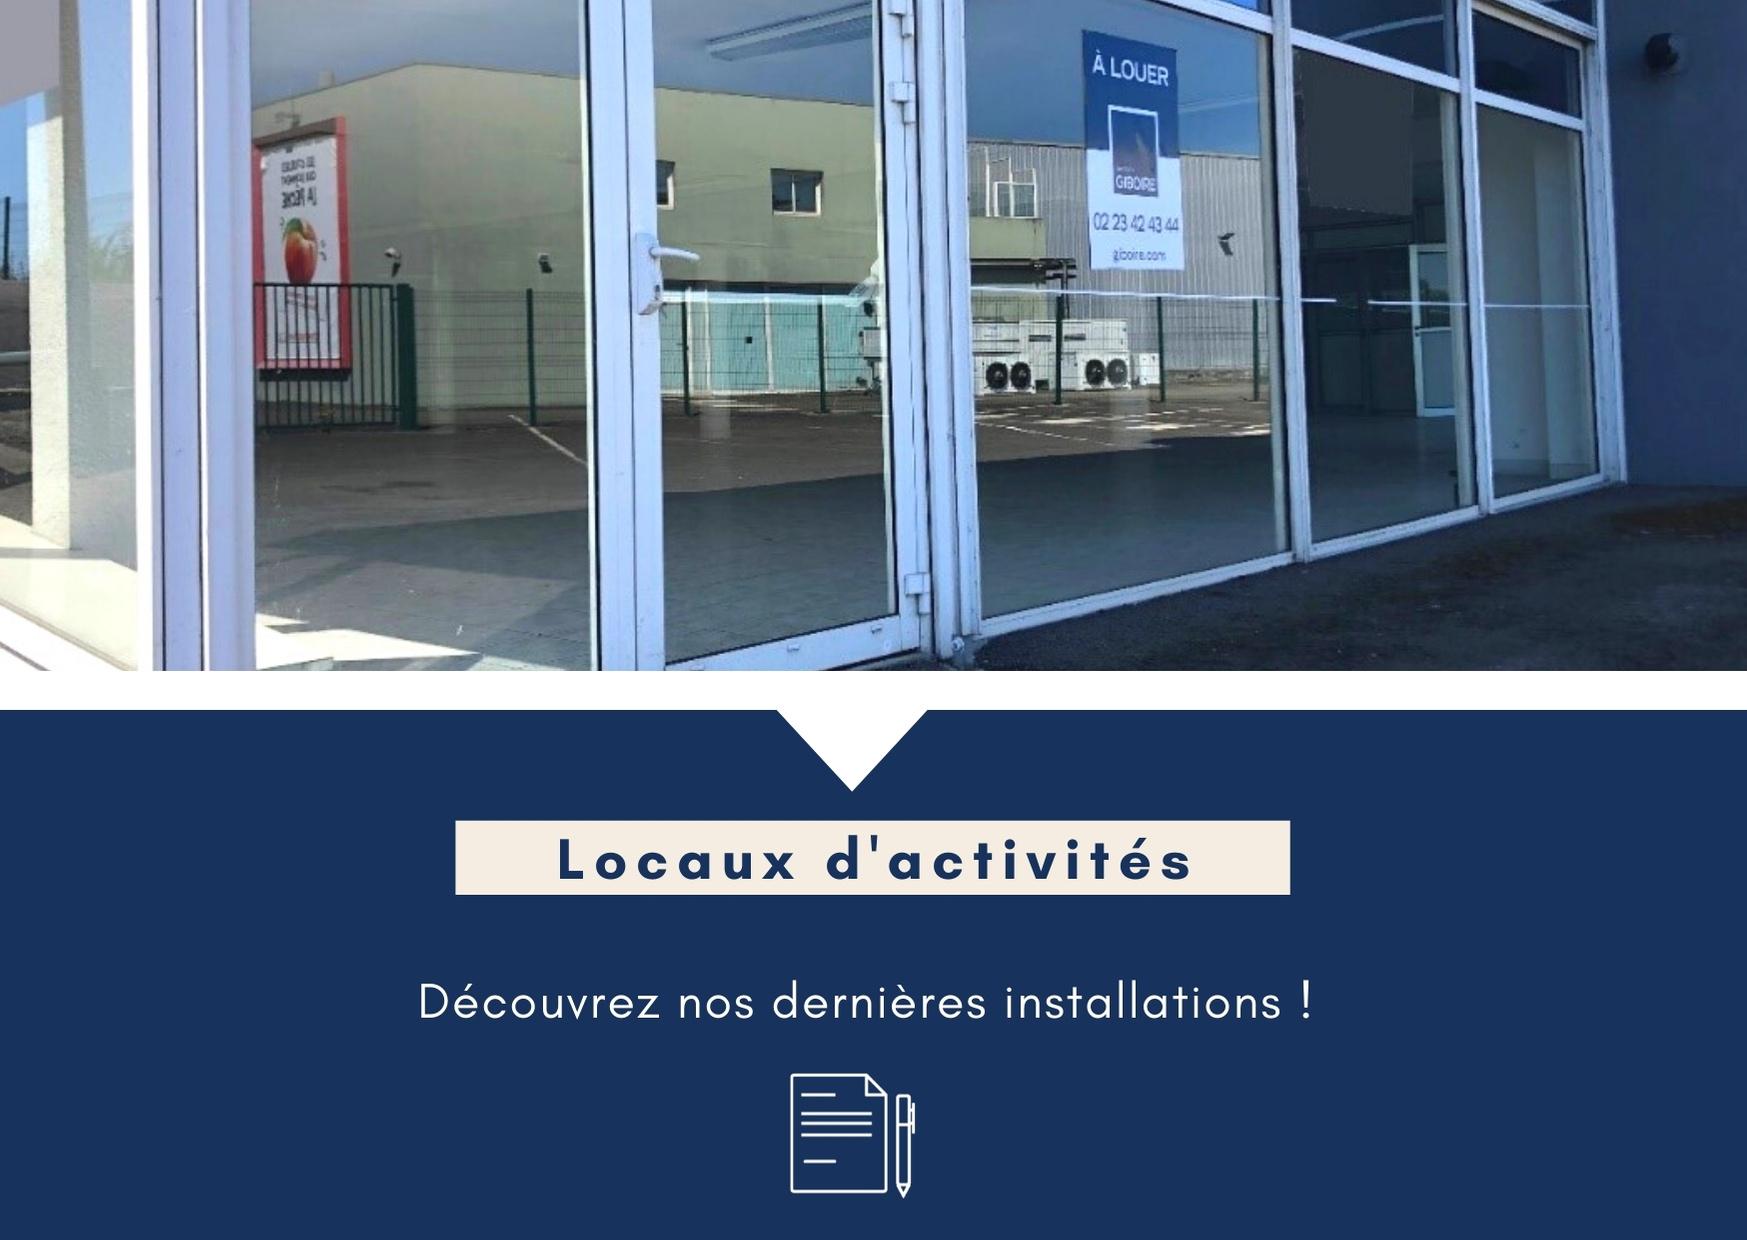 Locaux d'activités : un premier semestre dynamique illustré par de nombreuses installations à Rennes et en périphérie !